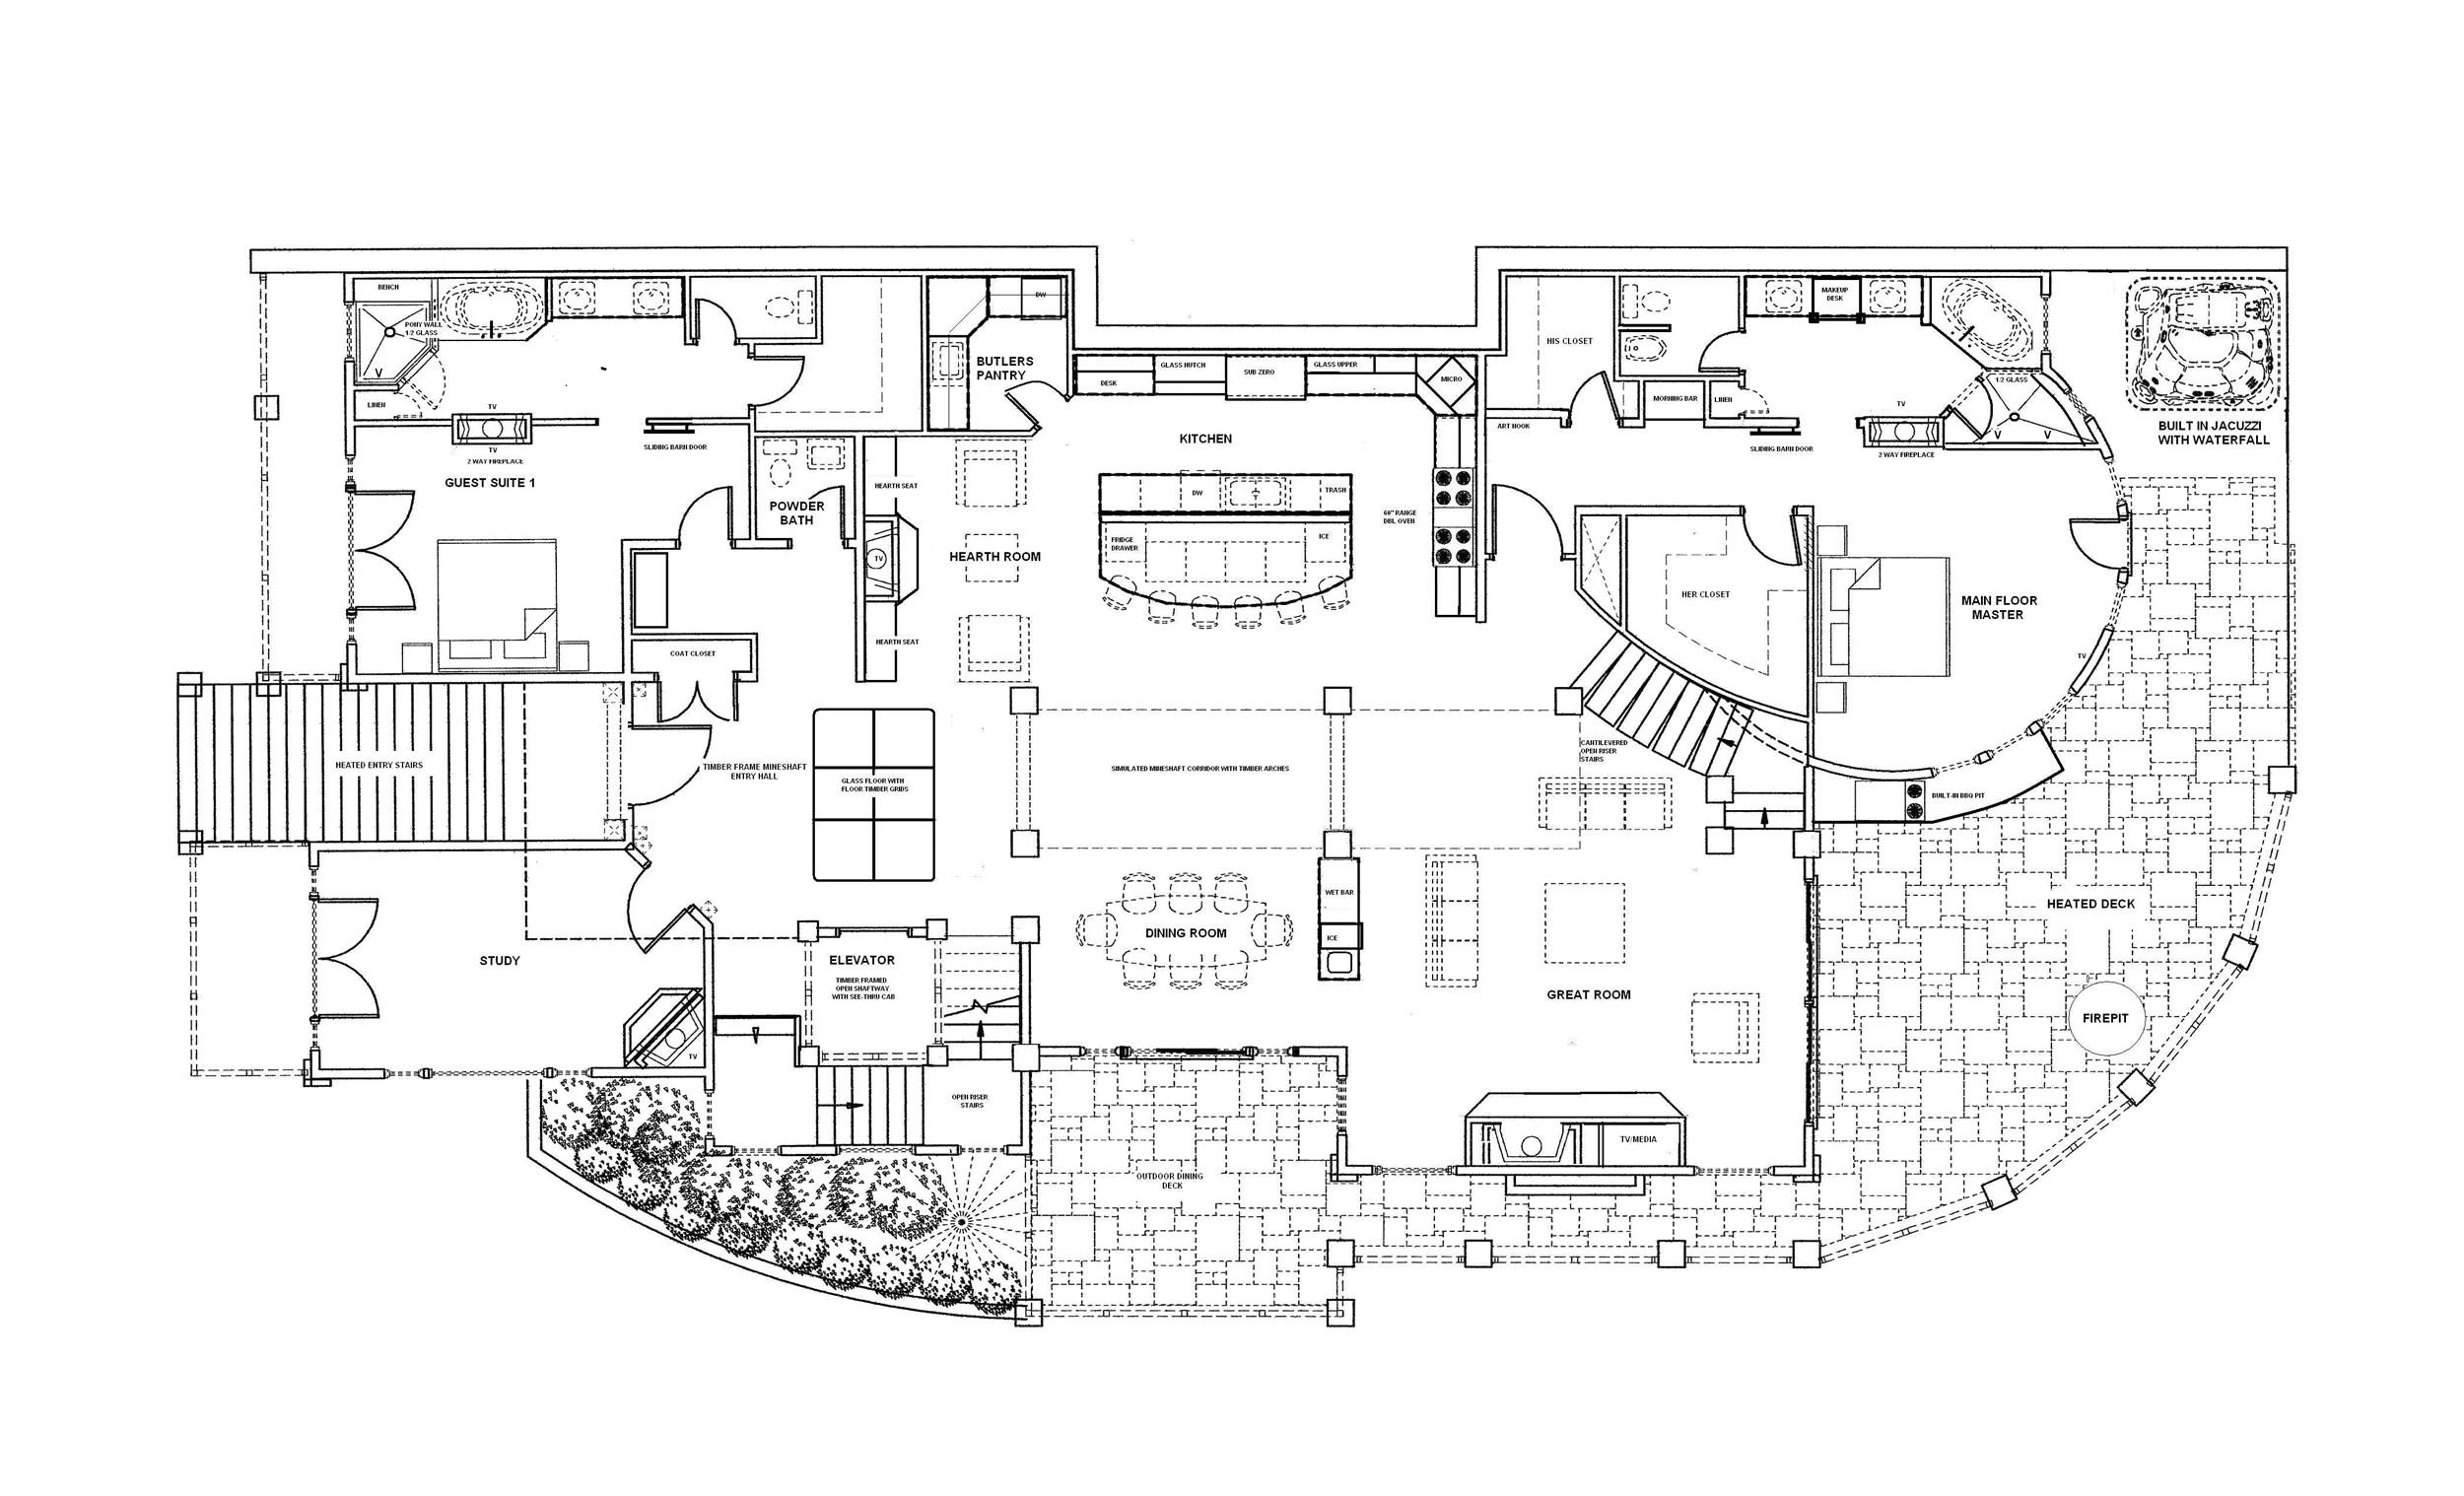 lot 6 floorplans